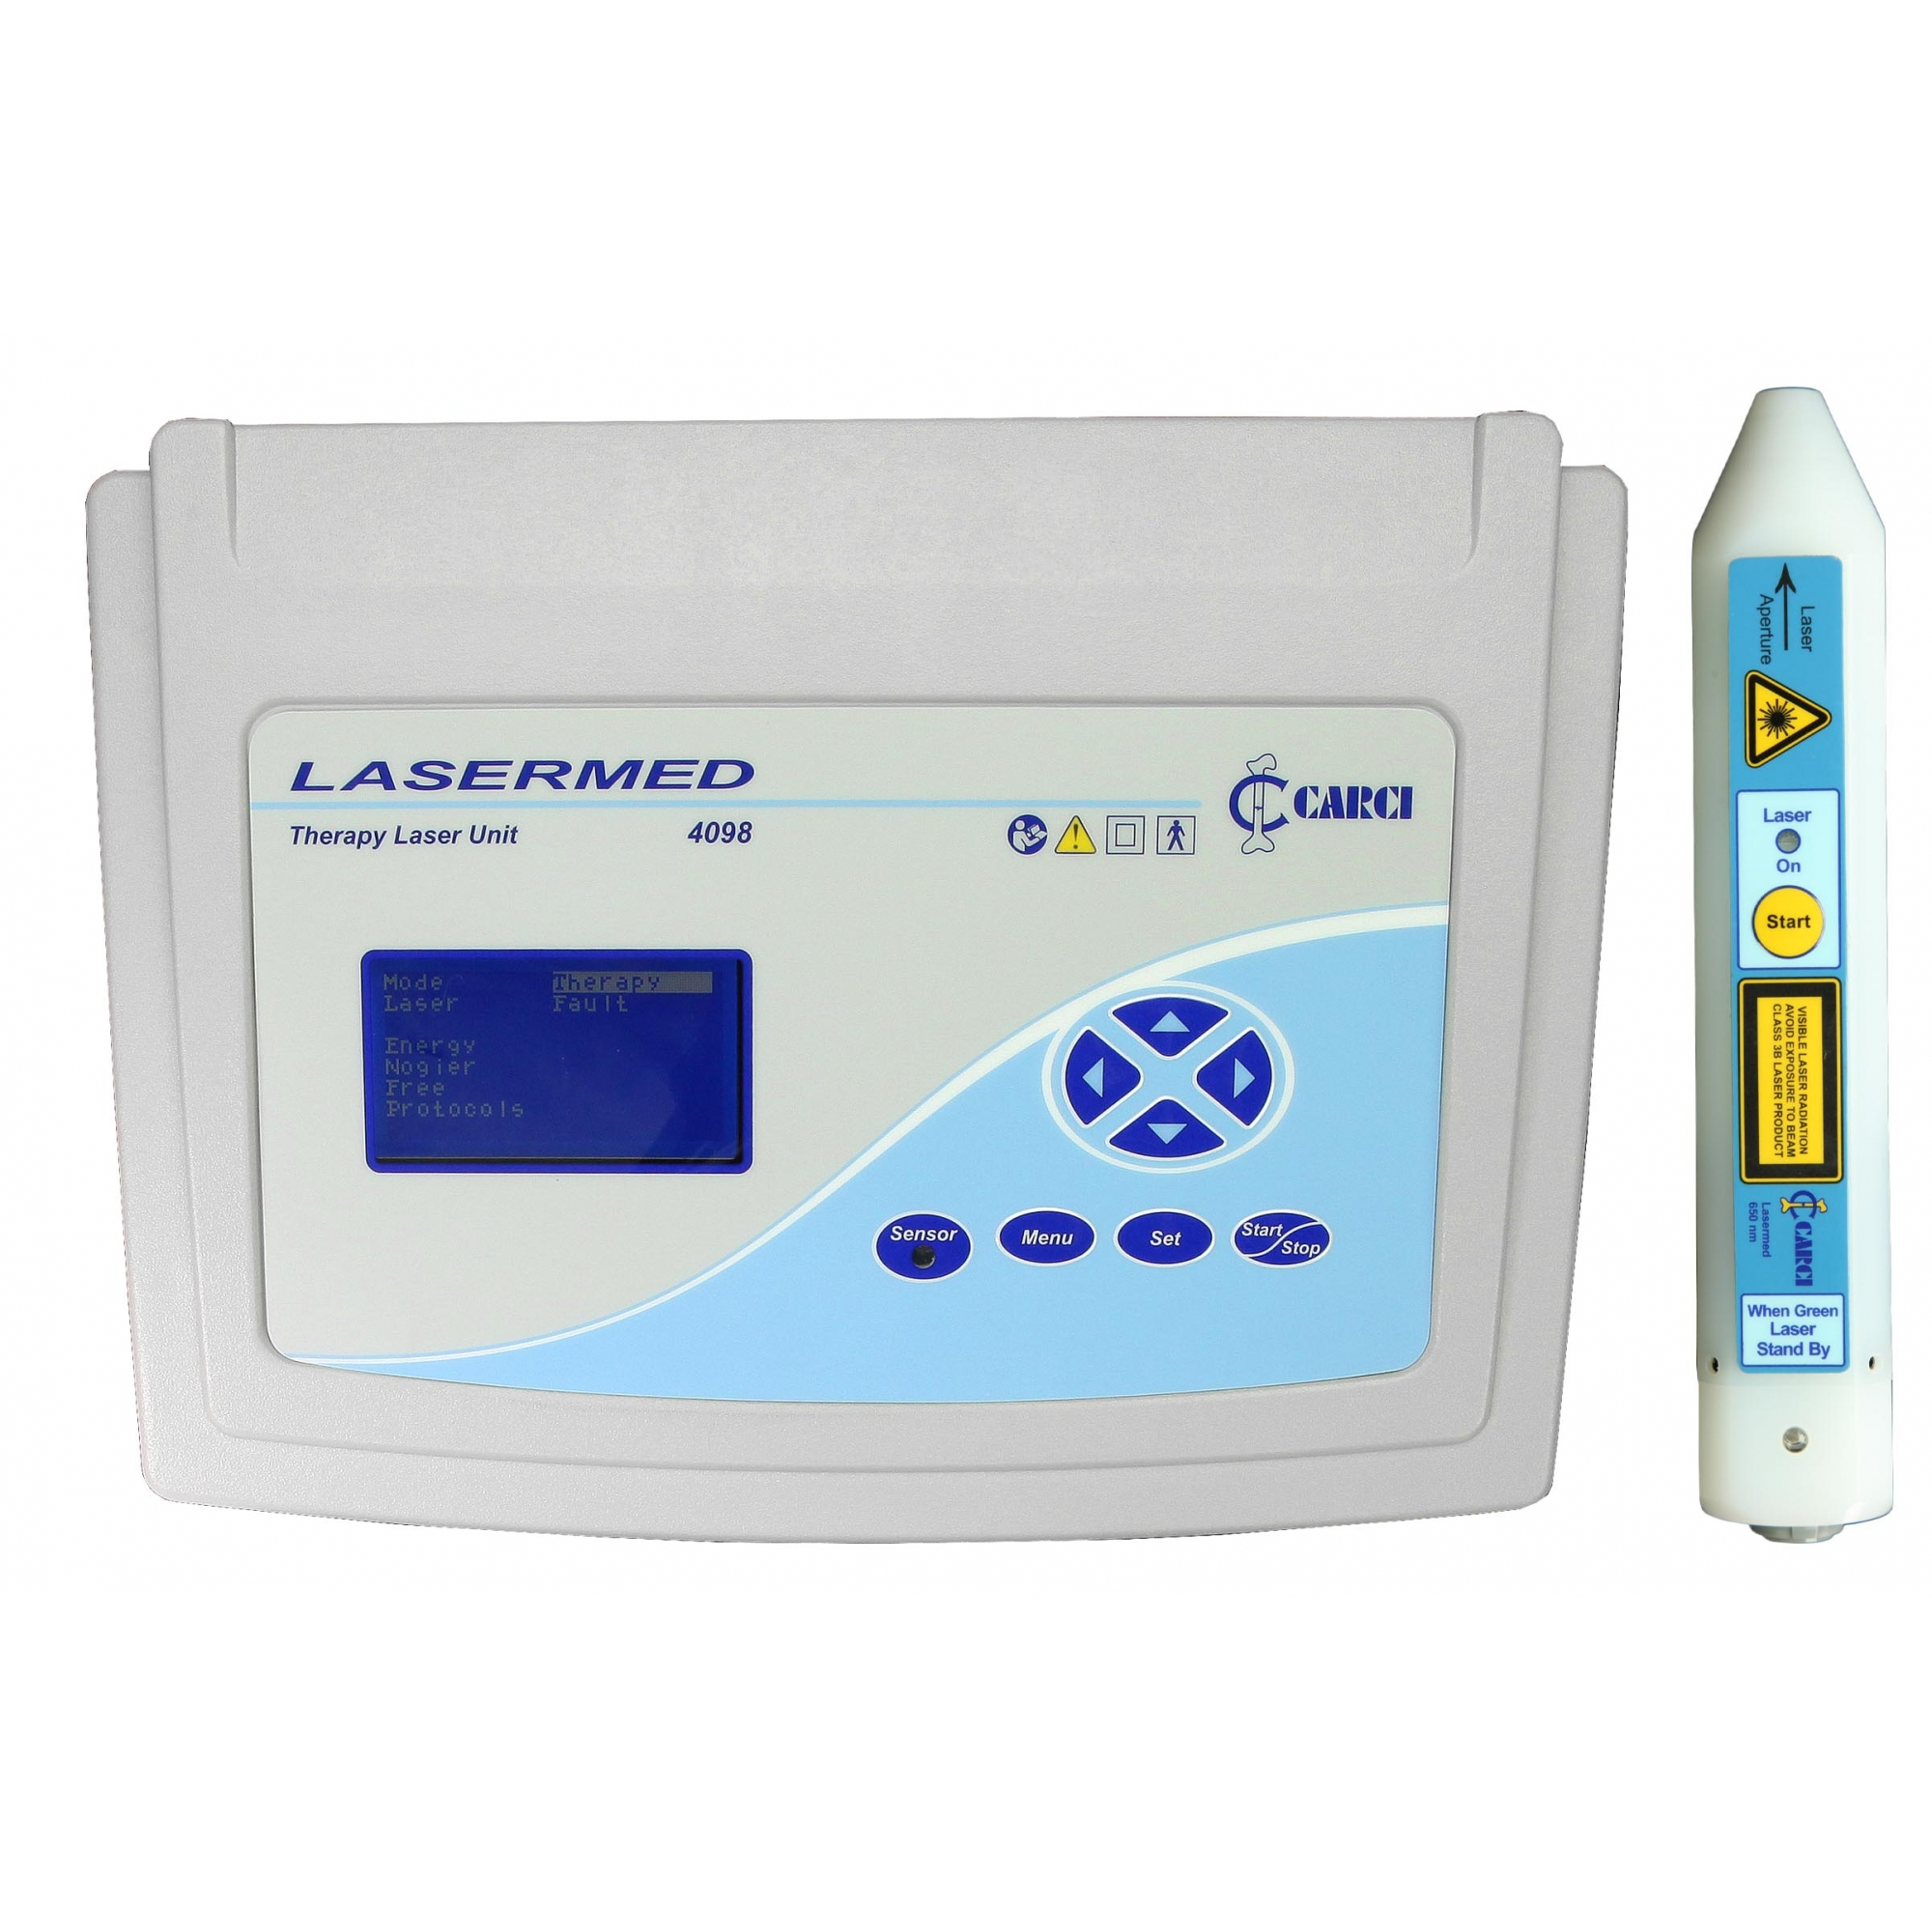 Laser e caneta 650 NM